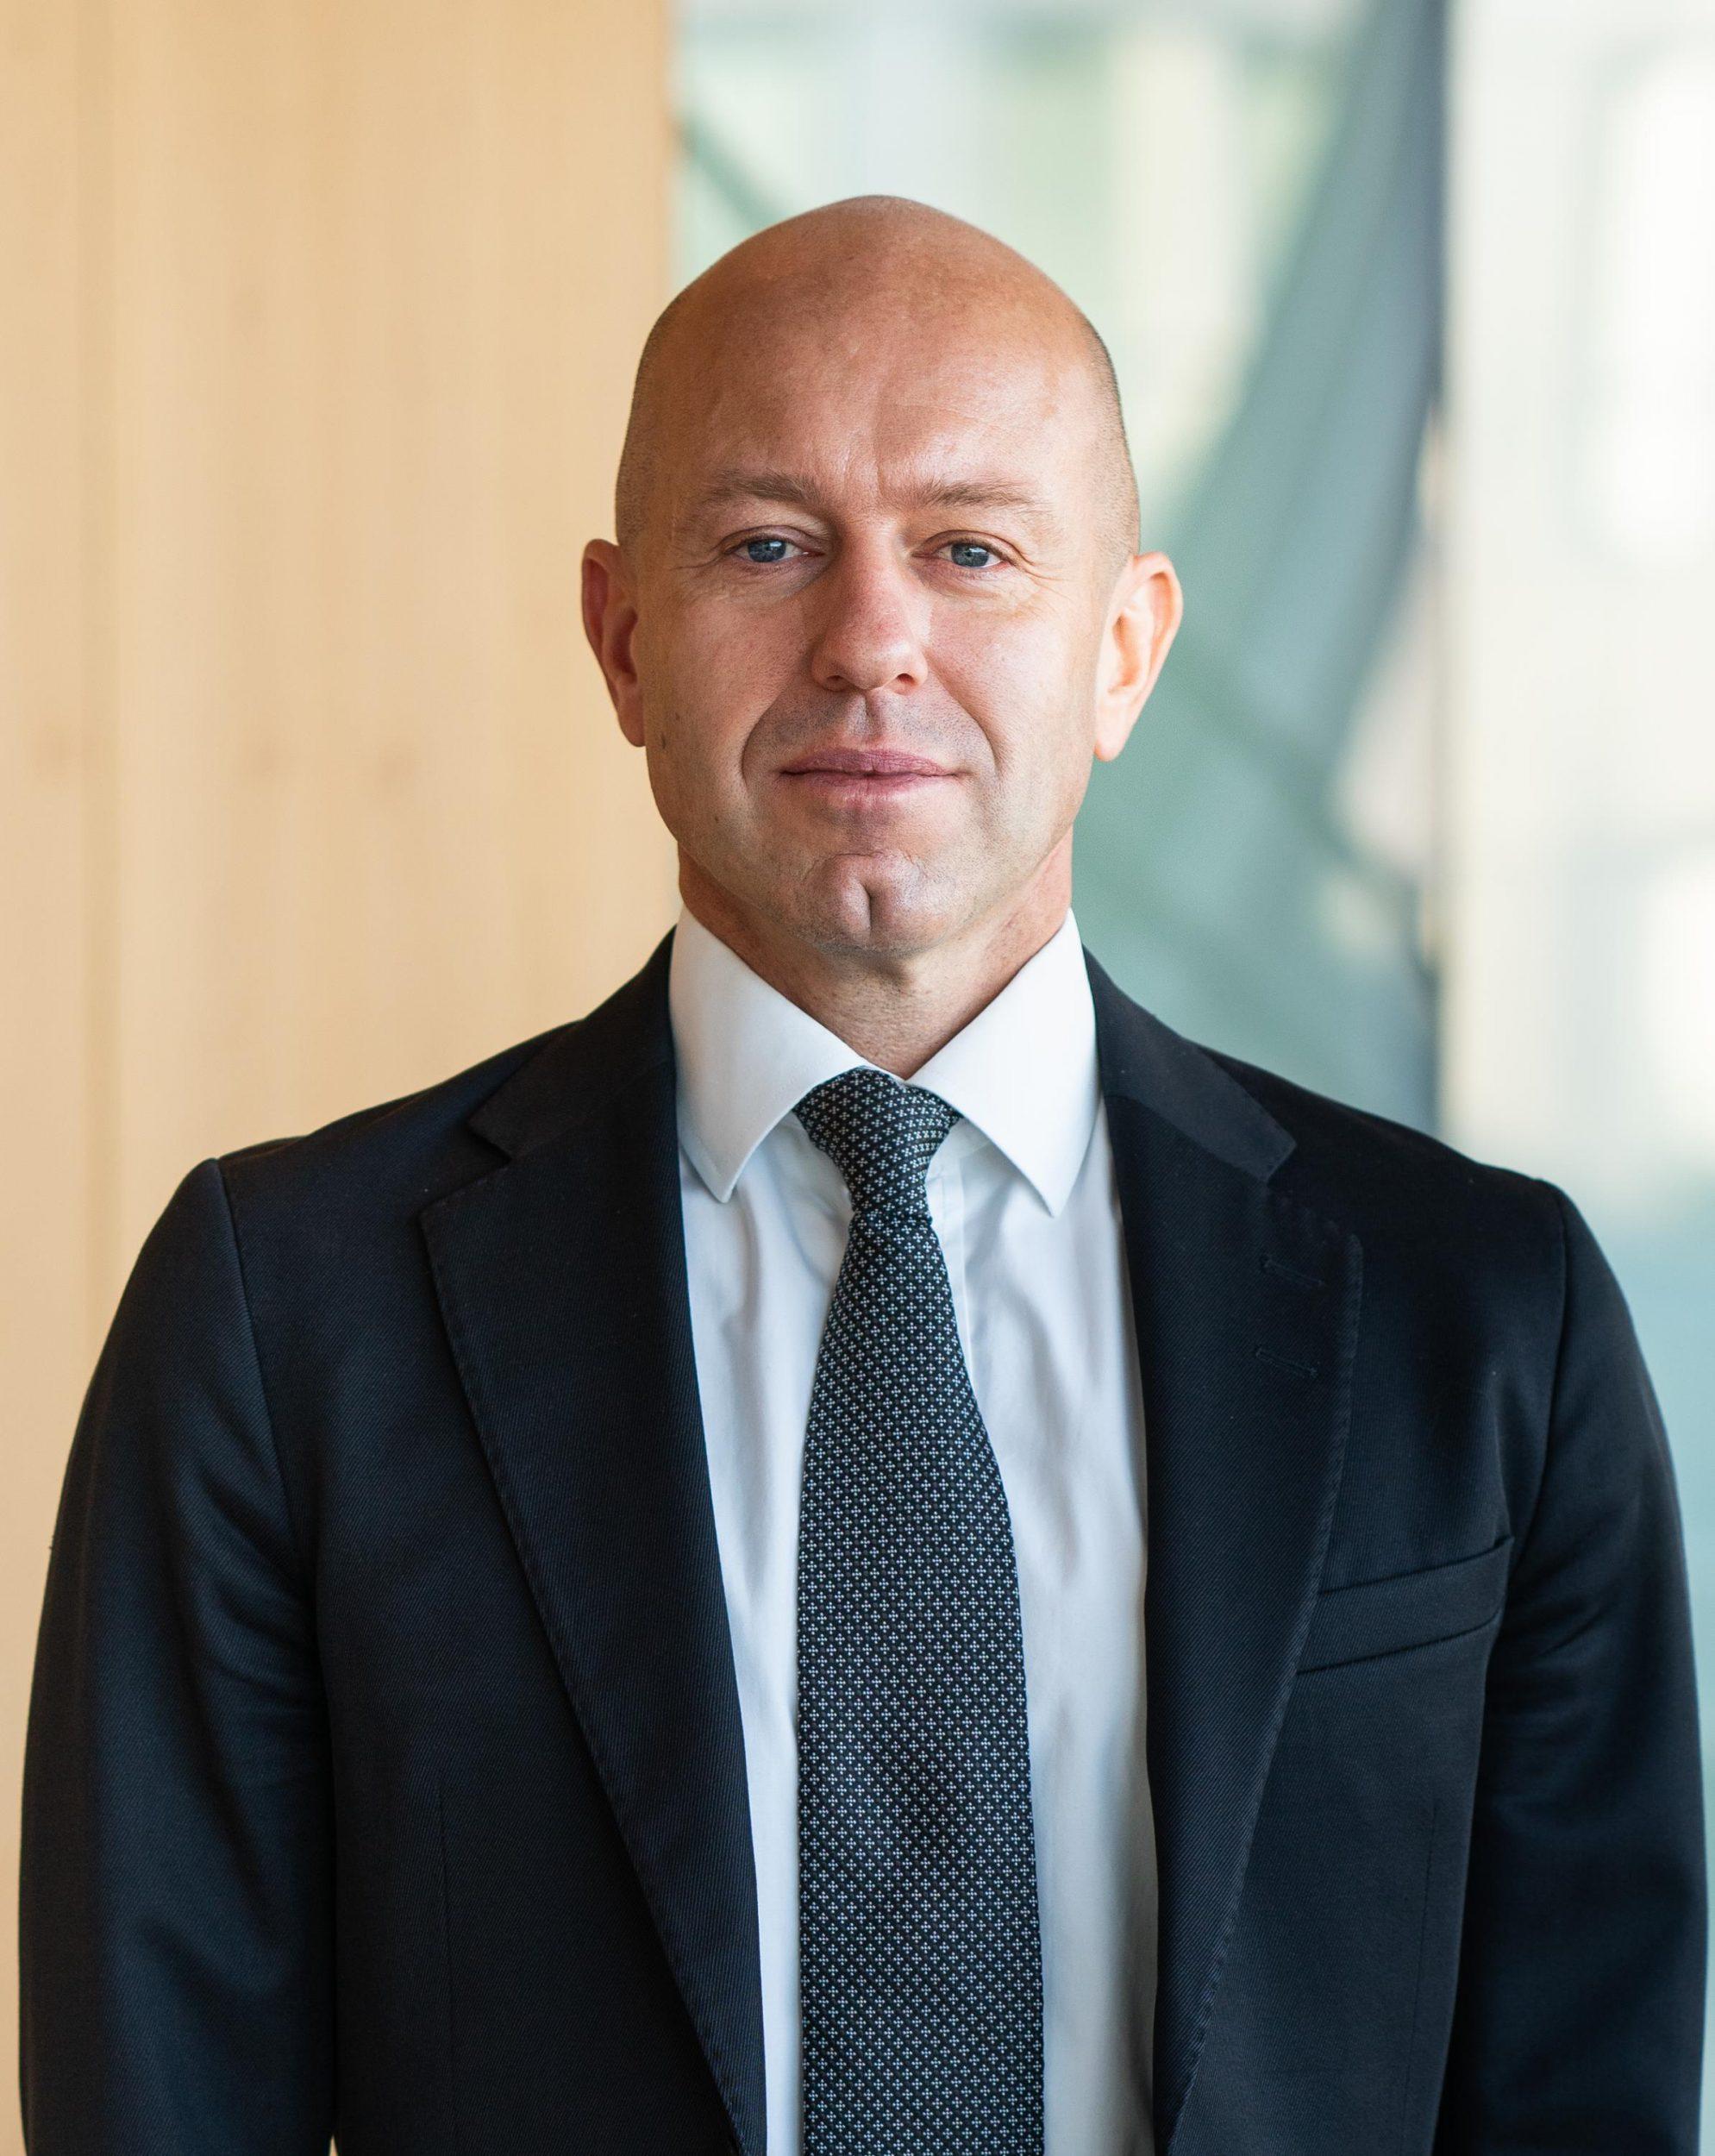 Magnus Josefsson